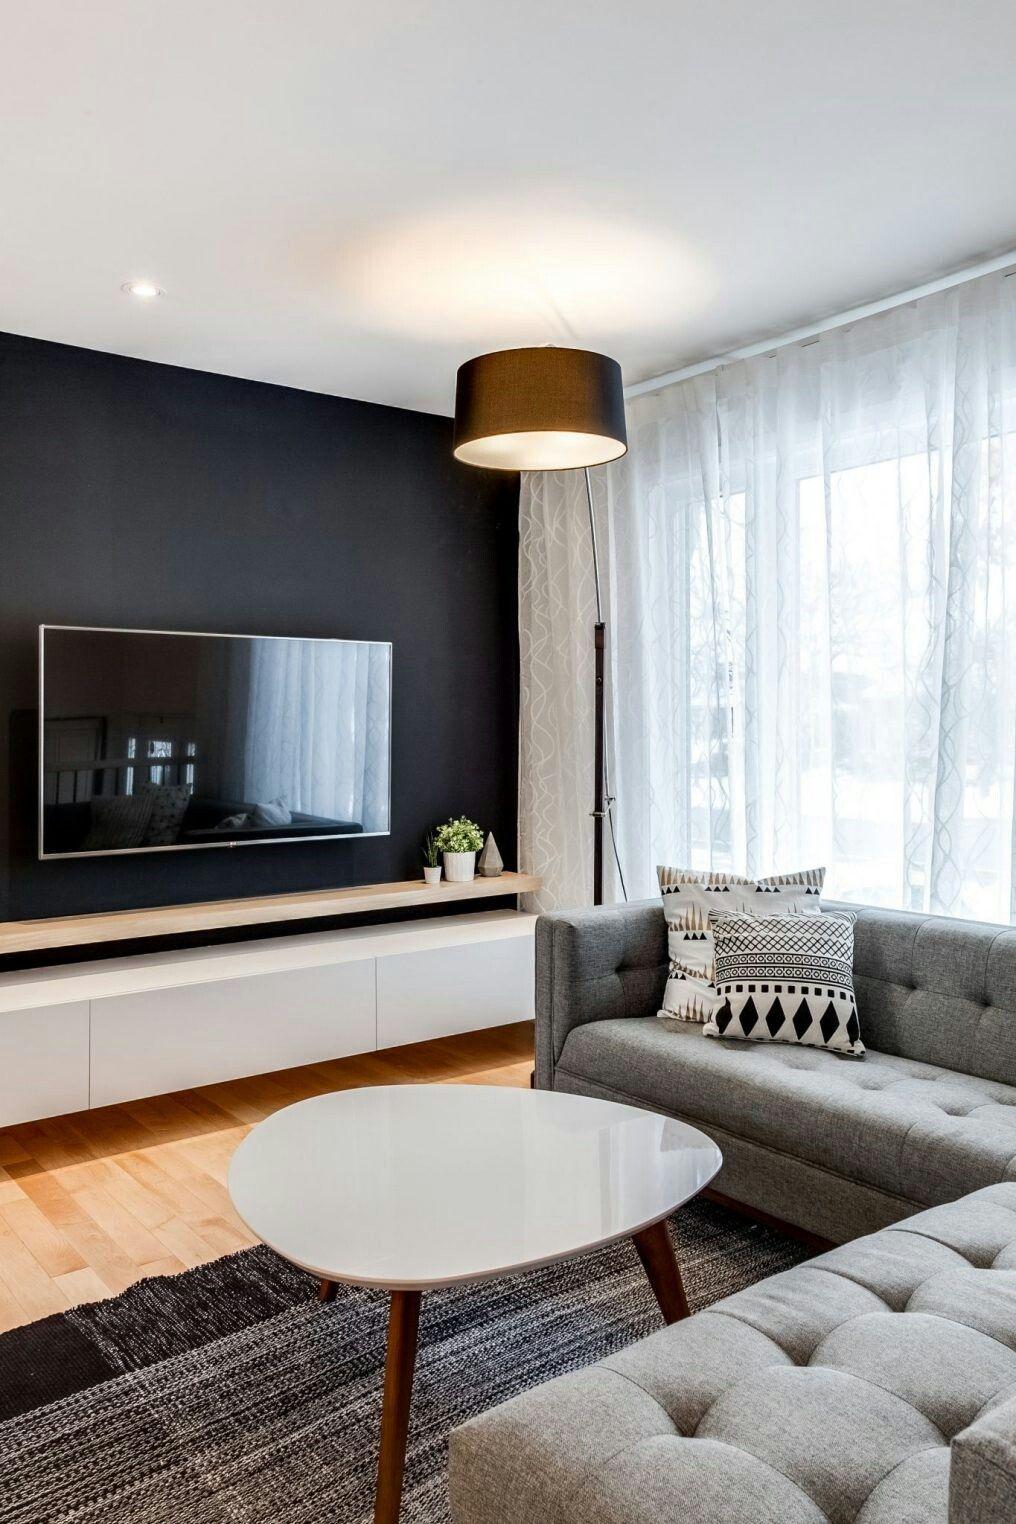 Media Cabinets Lifestyle In 2019 Wohnzimmer Haus Wohnzimmer Und